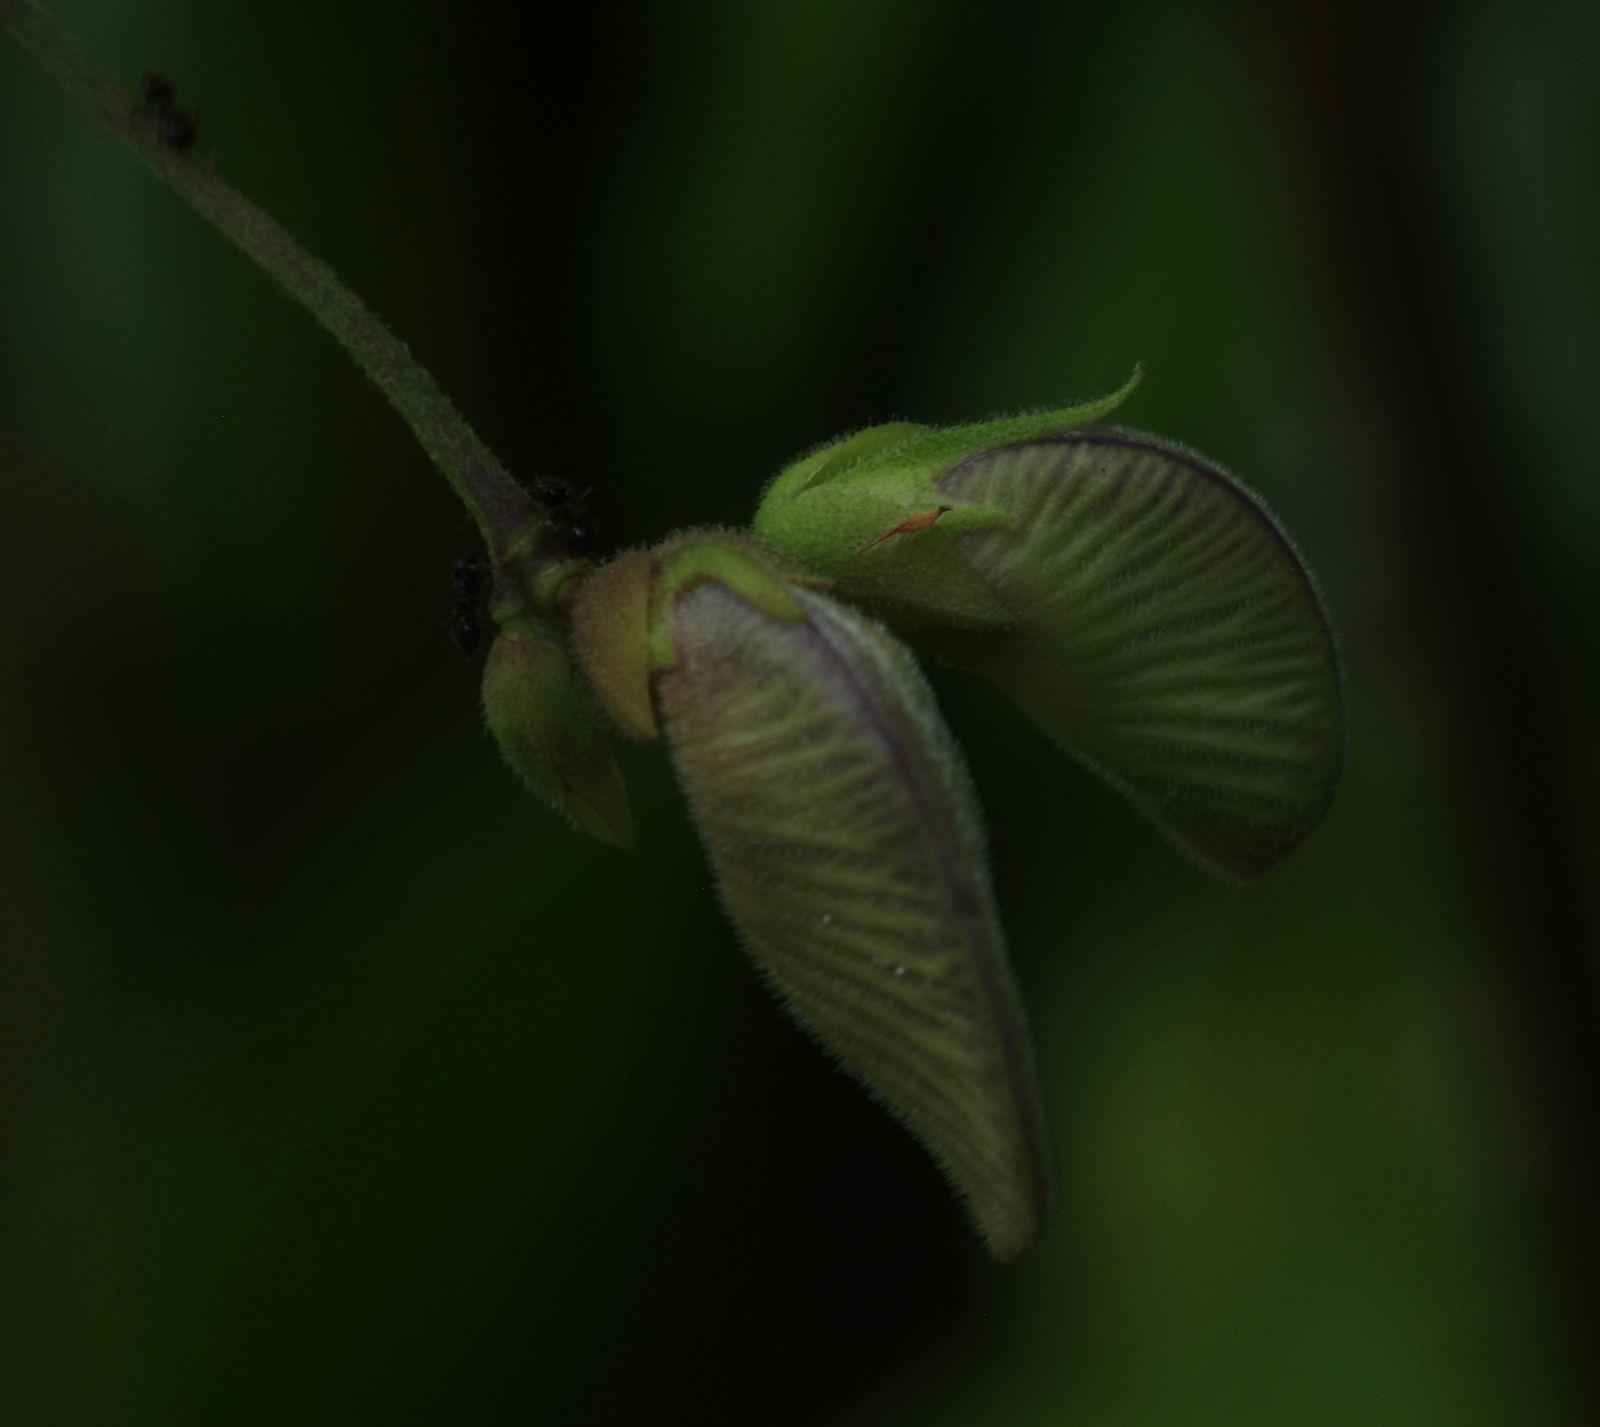 Centrosema pubescens